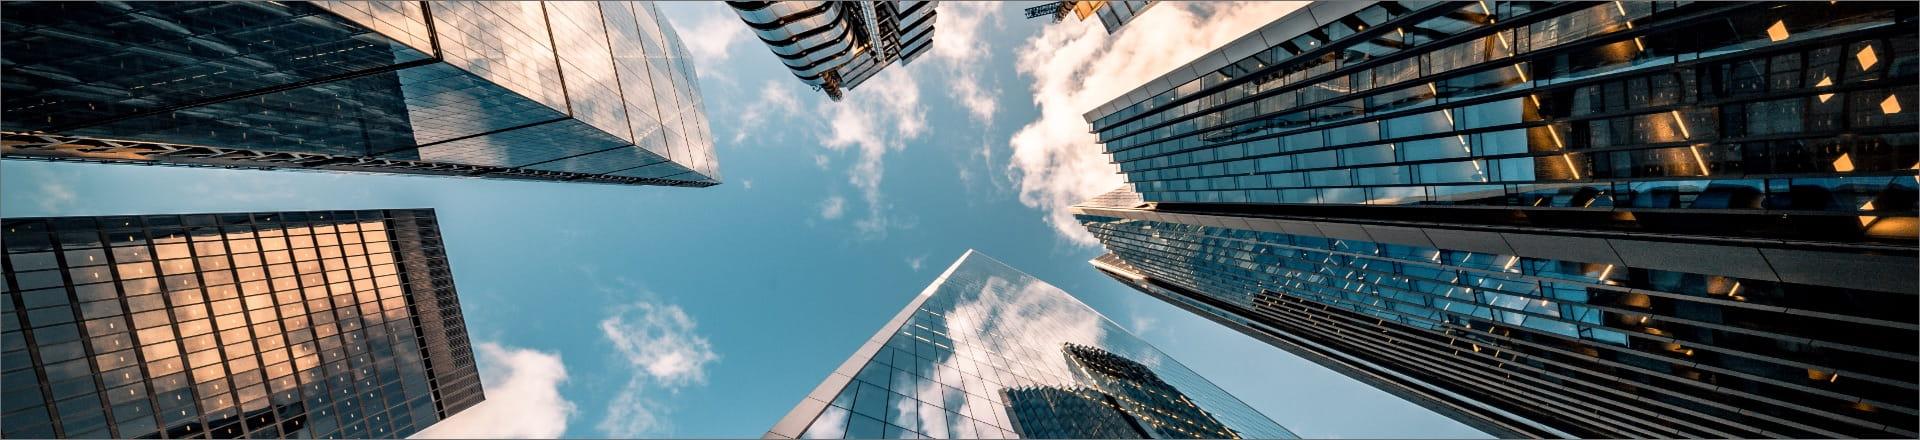 Buildings taken from below